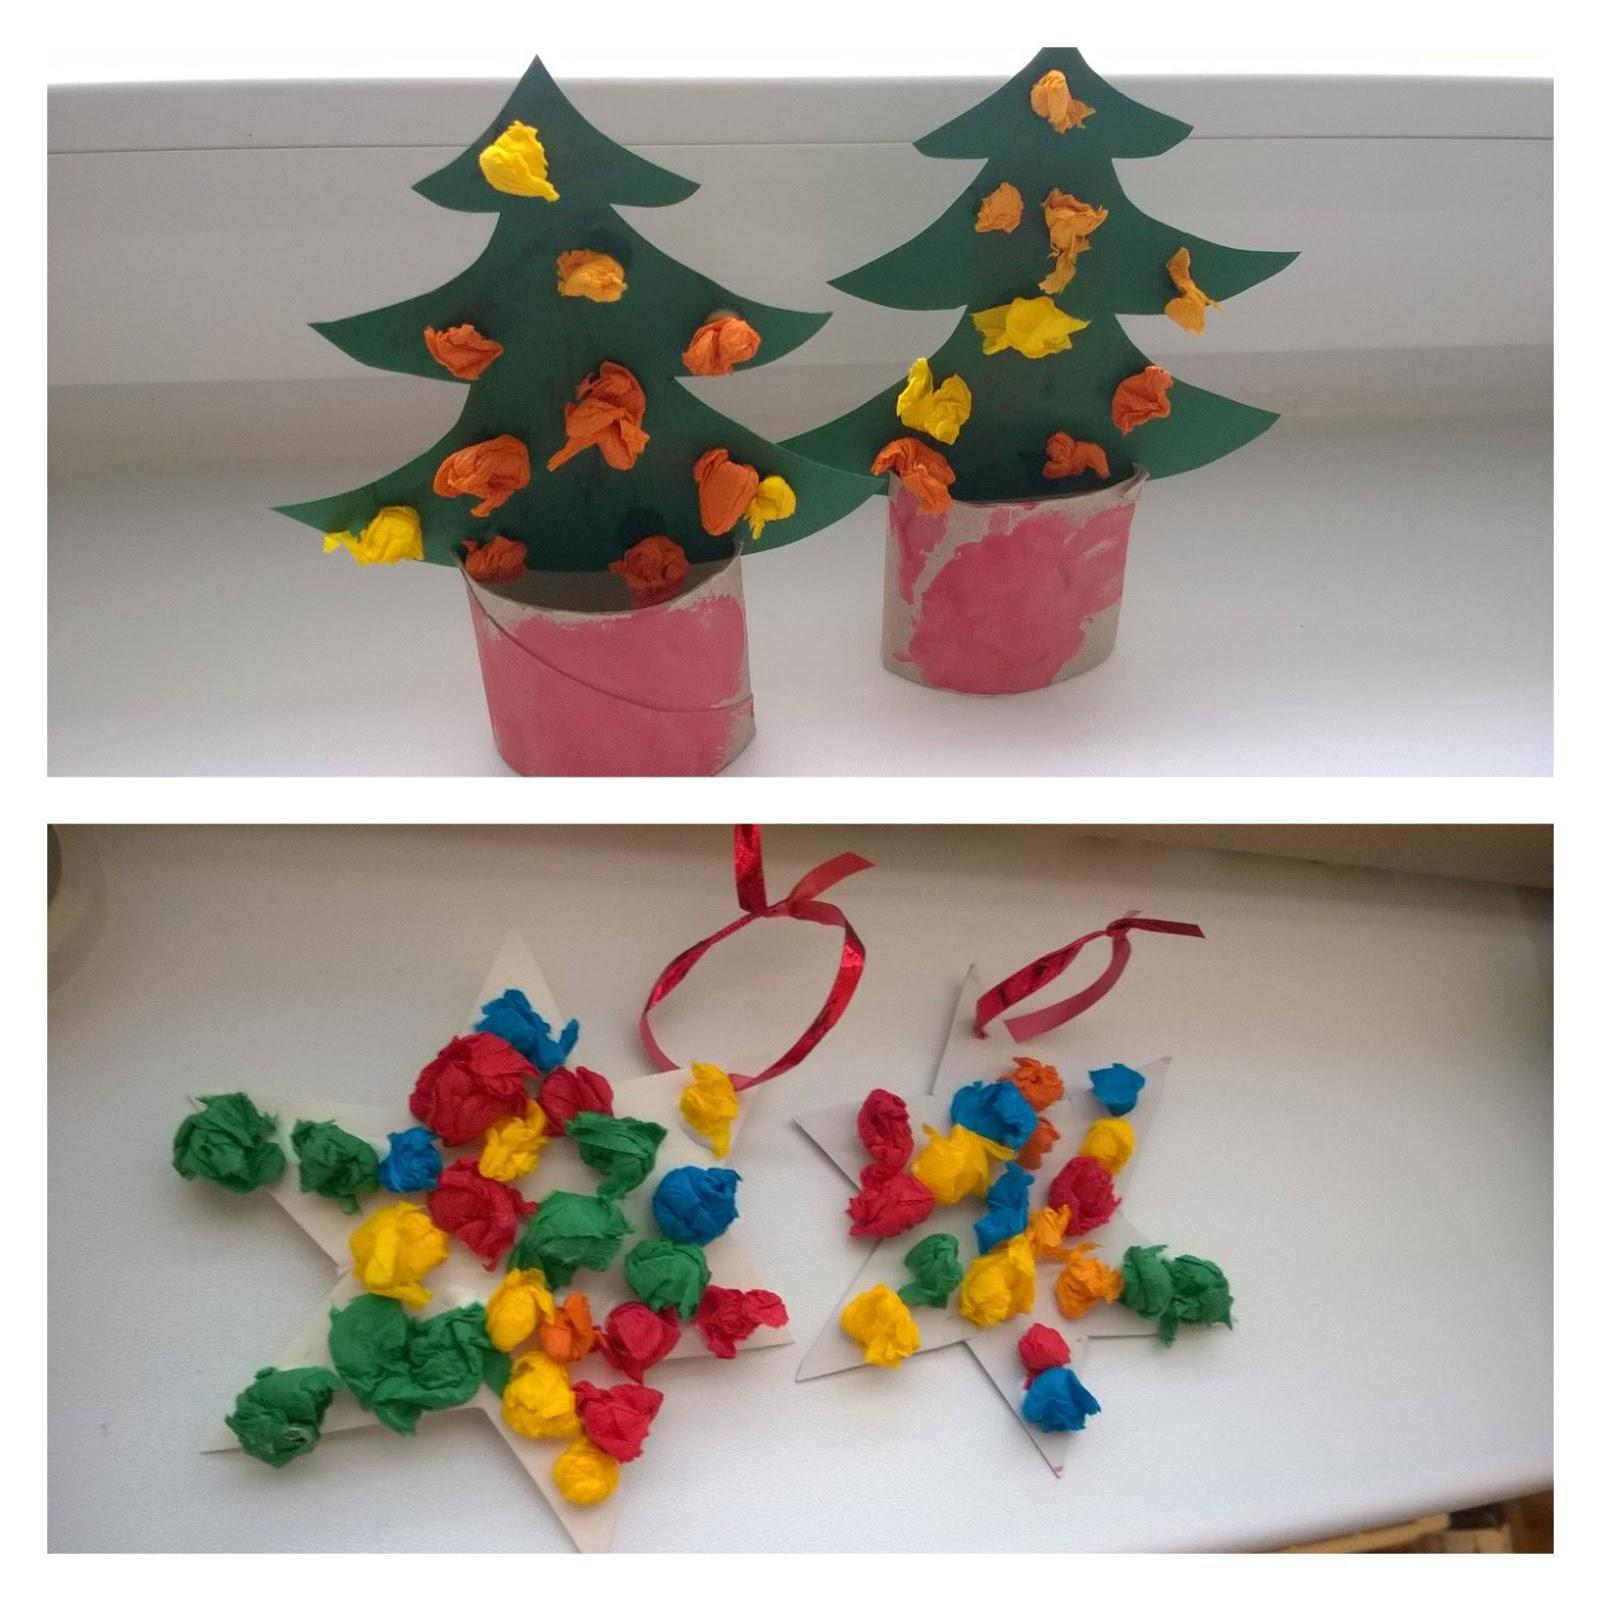 Kleinkinder U3 Spielideen, Bastelideen, Buchtips Und Kinder für Weihnachts Bastelideen Für Kinder